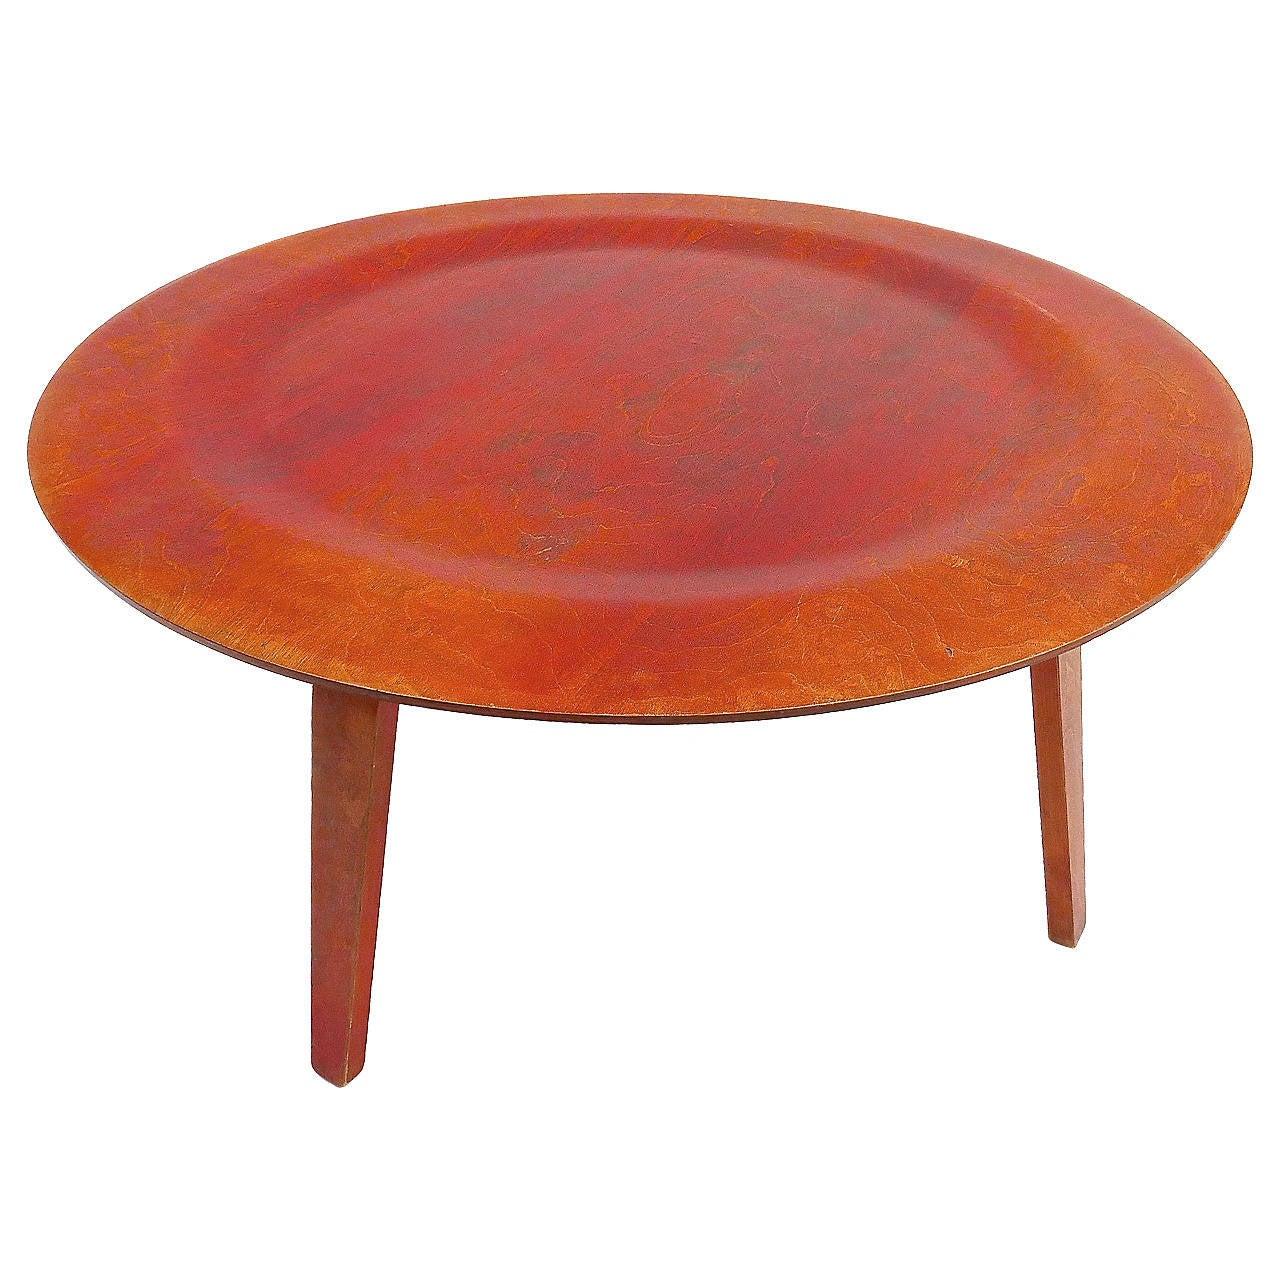 Charles And Ray Eames Dish Table At 1stdibs